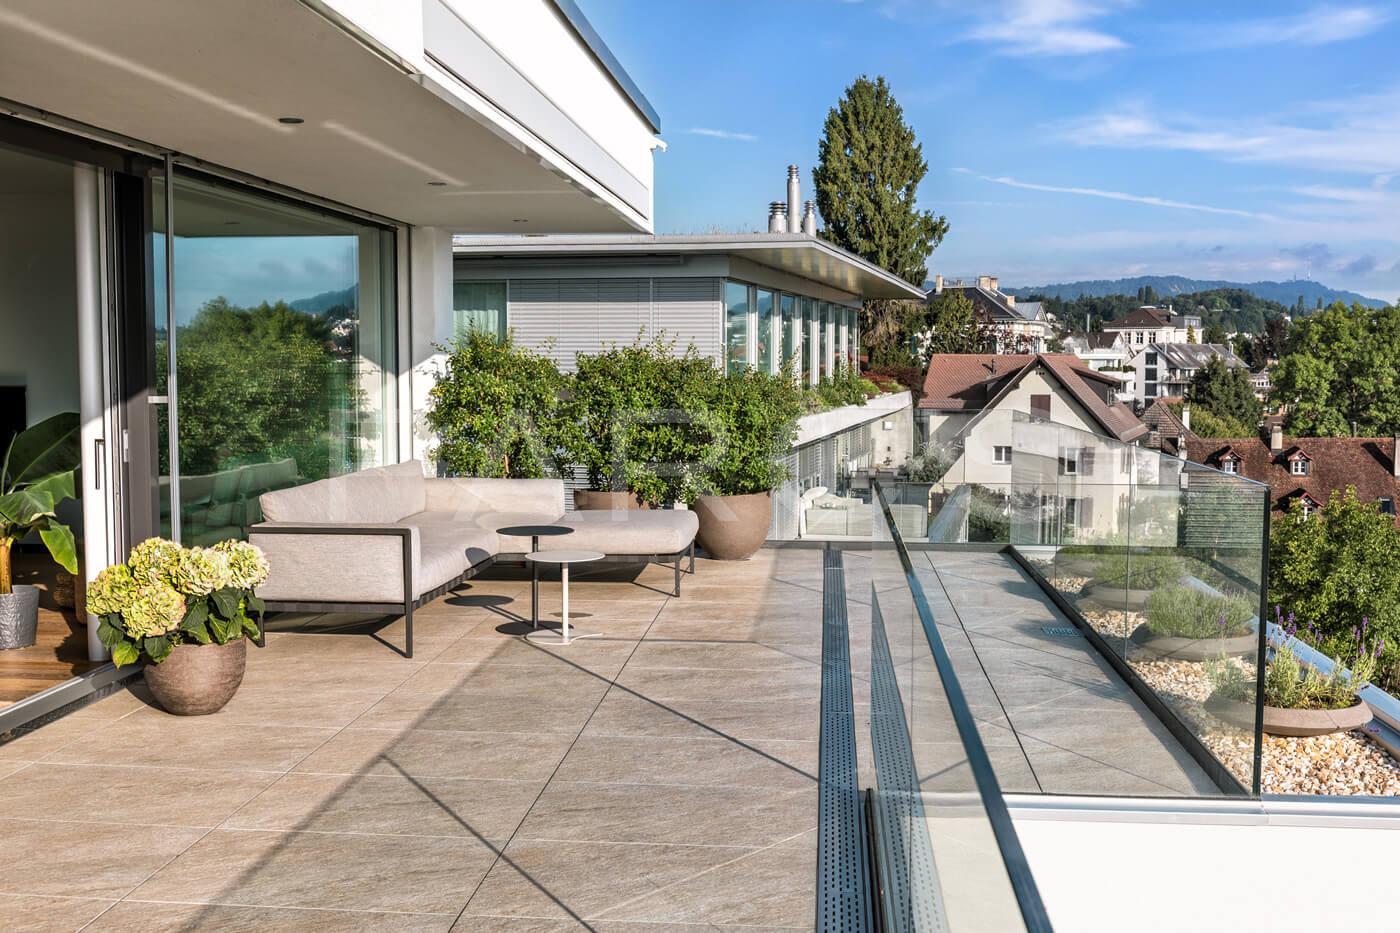 terrasse mit seesicht parc 39 s gartengestaltung gmbh. Black Bedroom Furniture Sets. Home Design Ideas